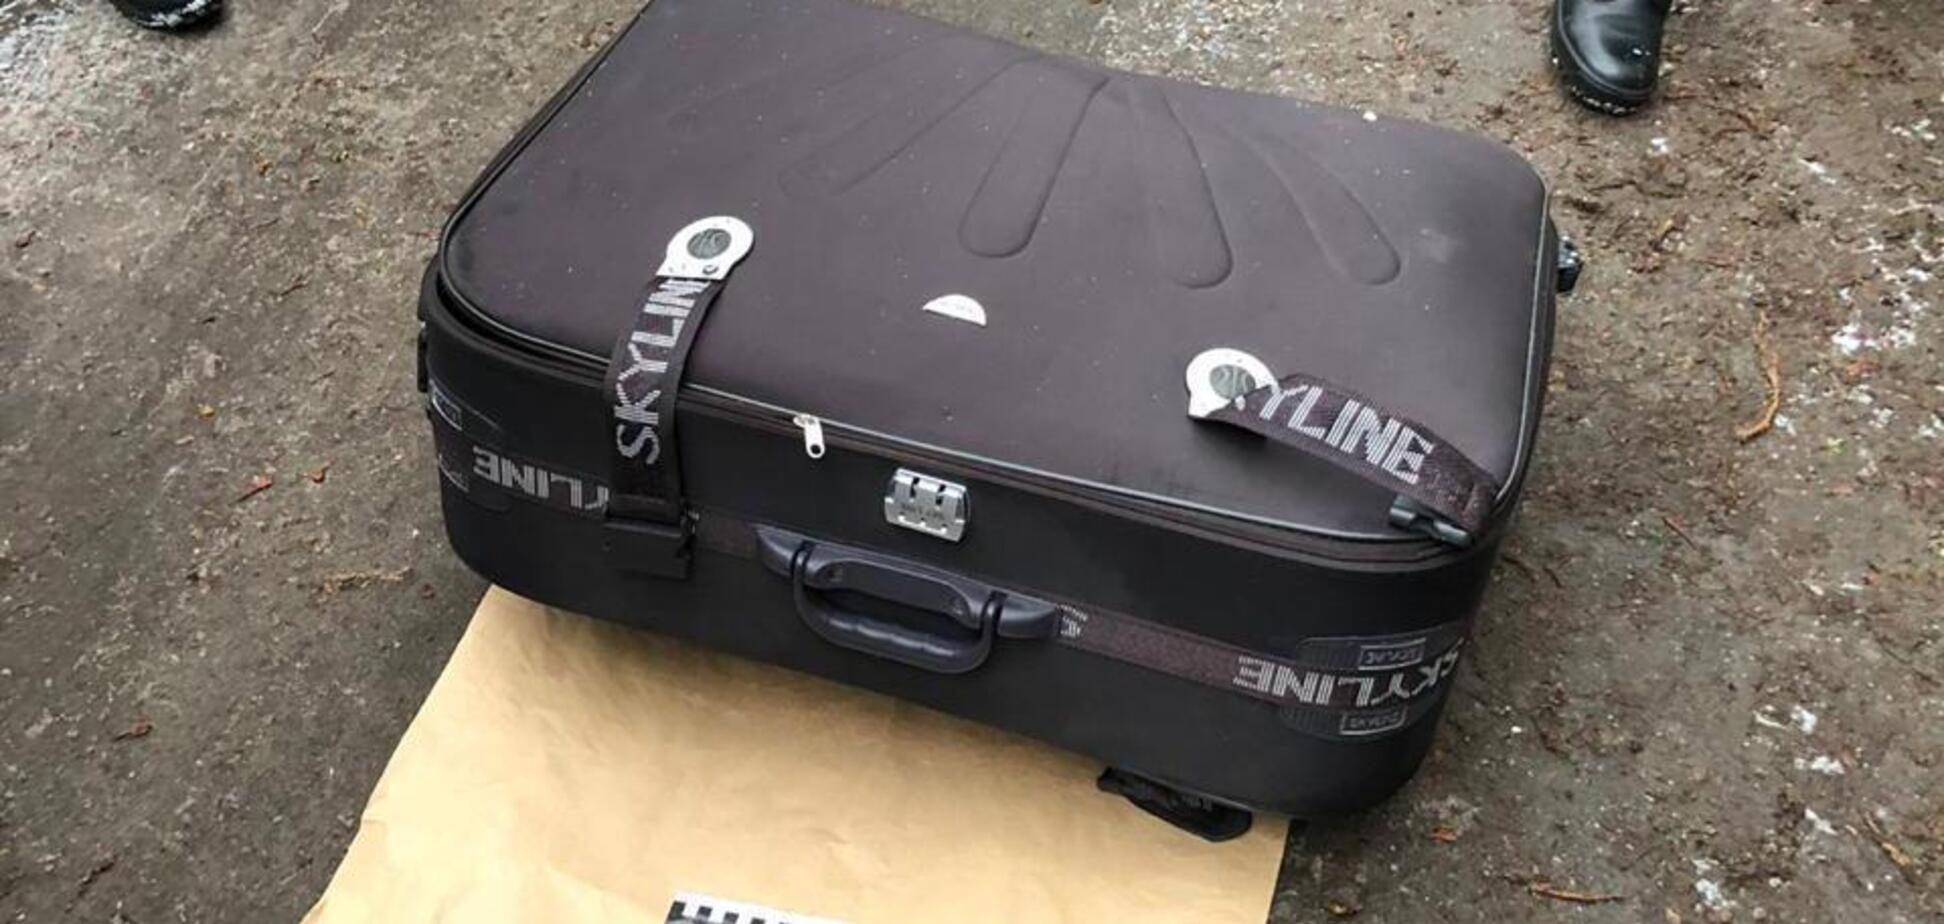 Поліція просить впізнати знайдену у валізі у Дніпрі дівчину: фото 18+